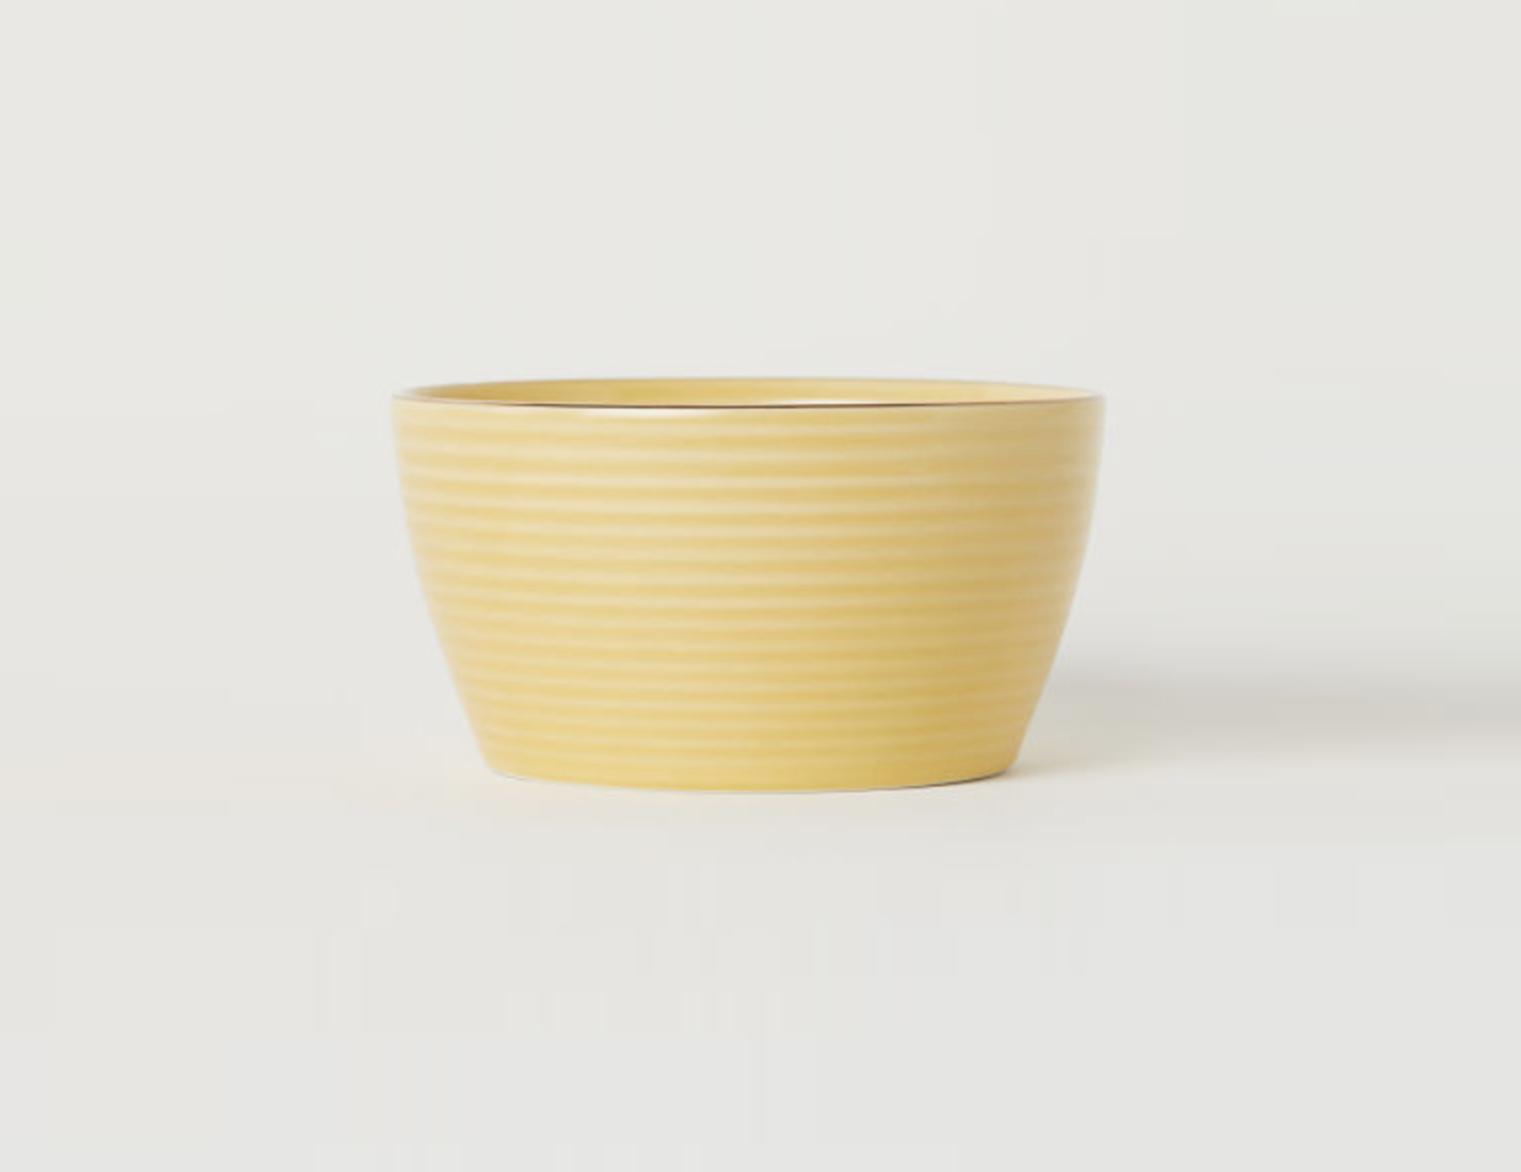 hm-bowl.png